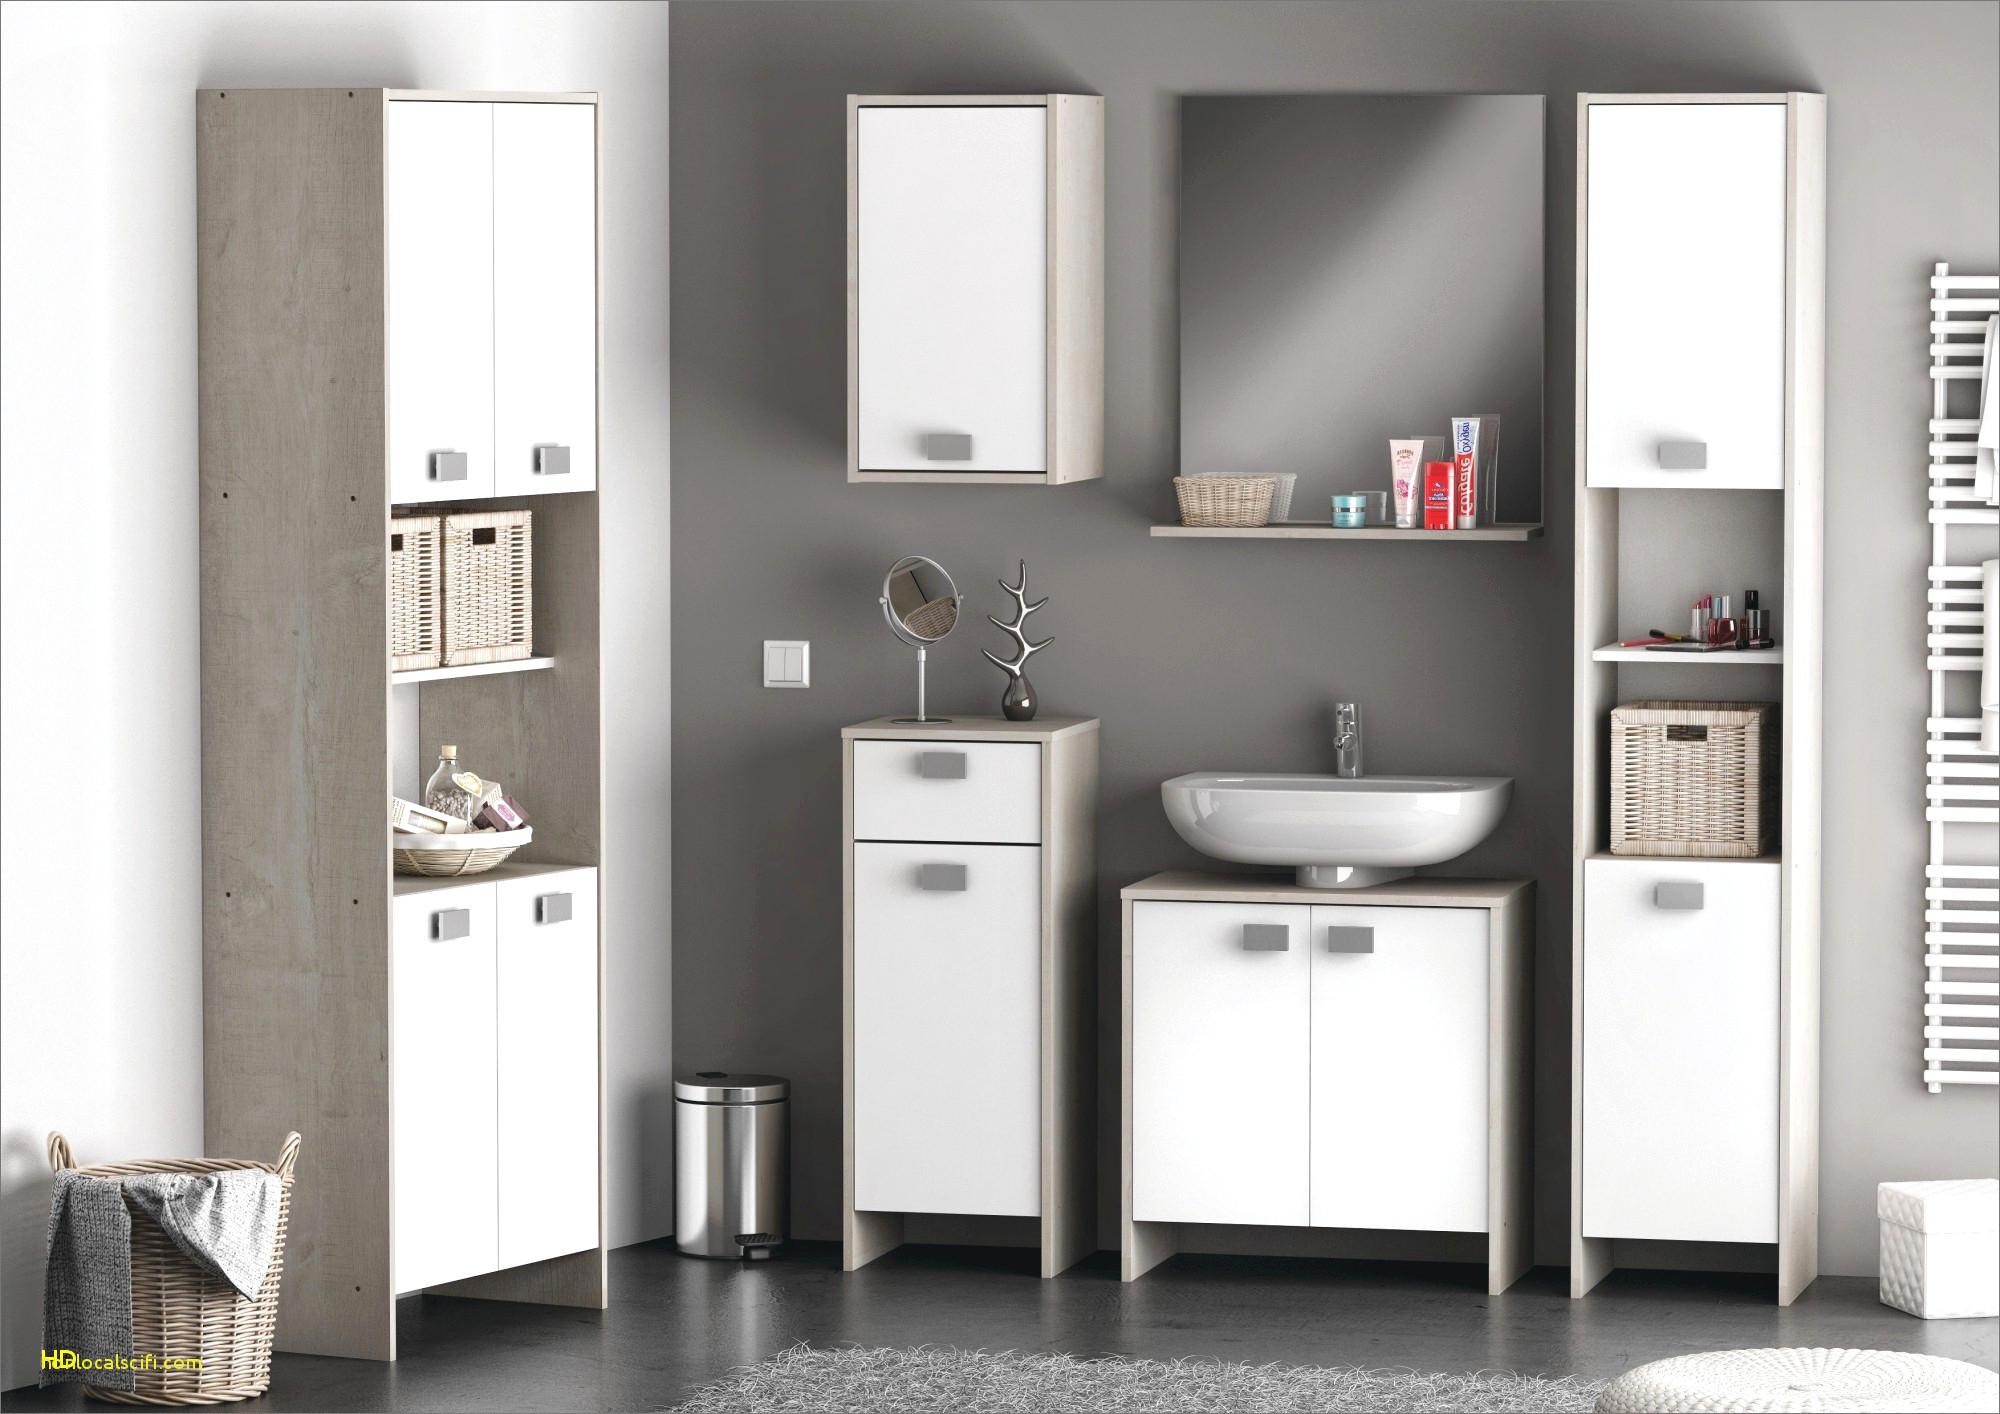 Meuble salle de bain delpha pas cher luxe collection 19 Meuble de salle de bain pas cher